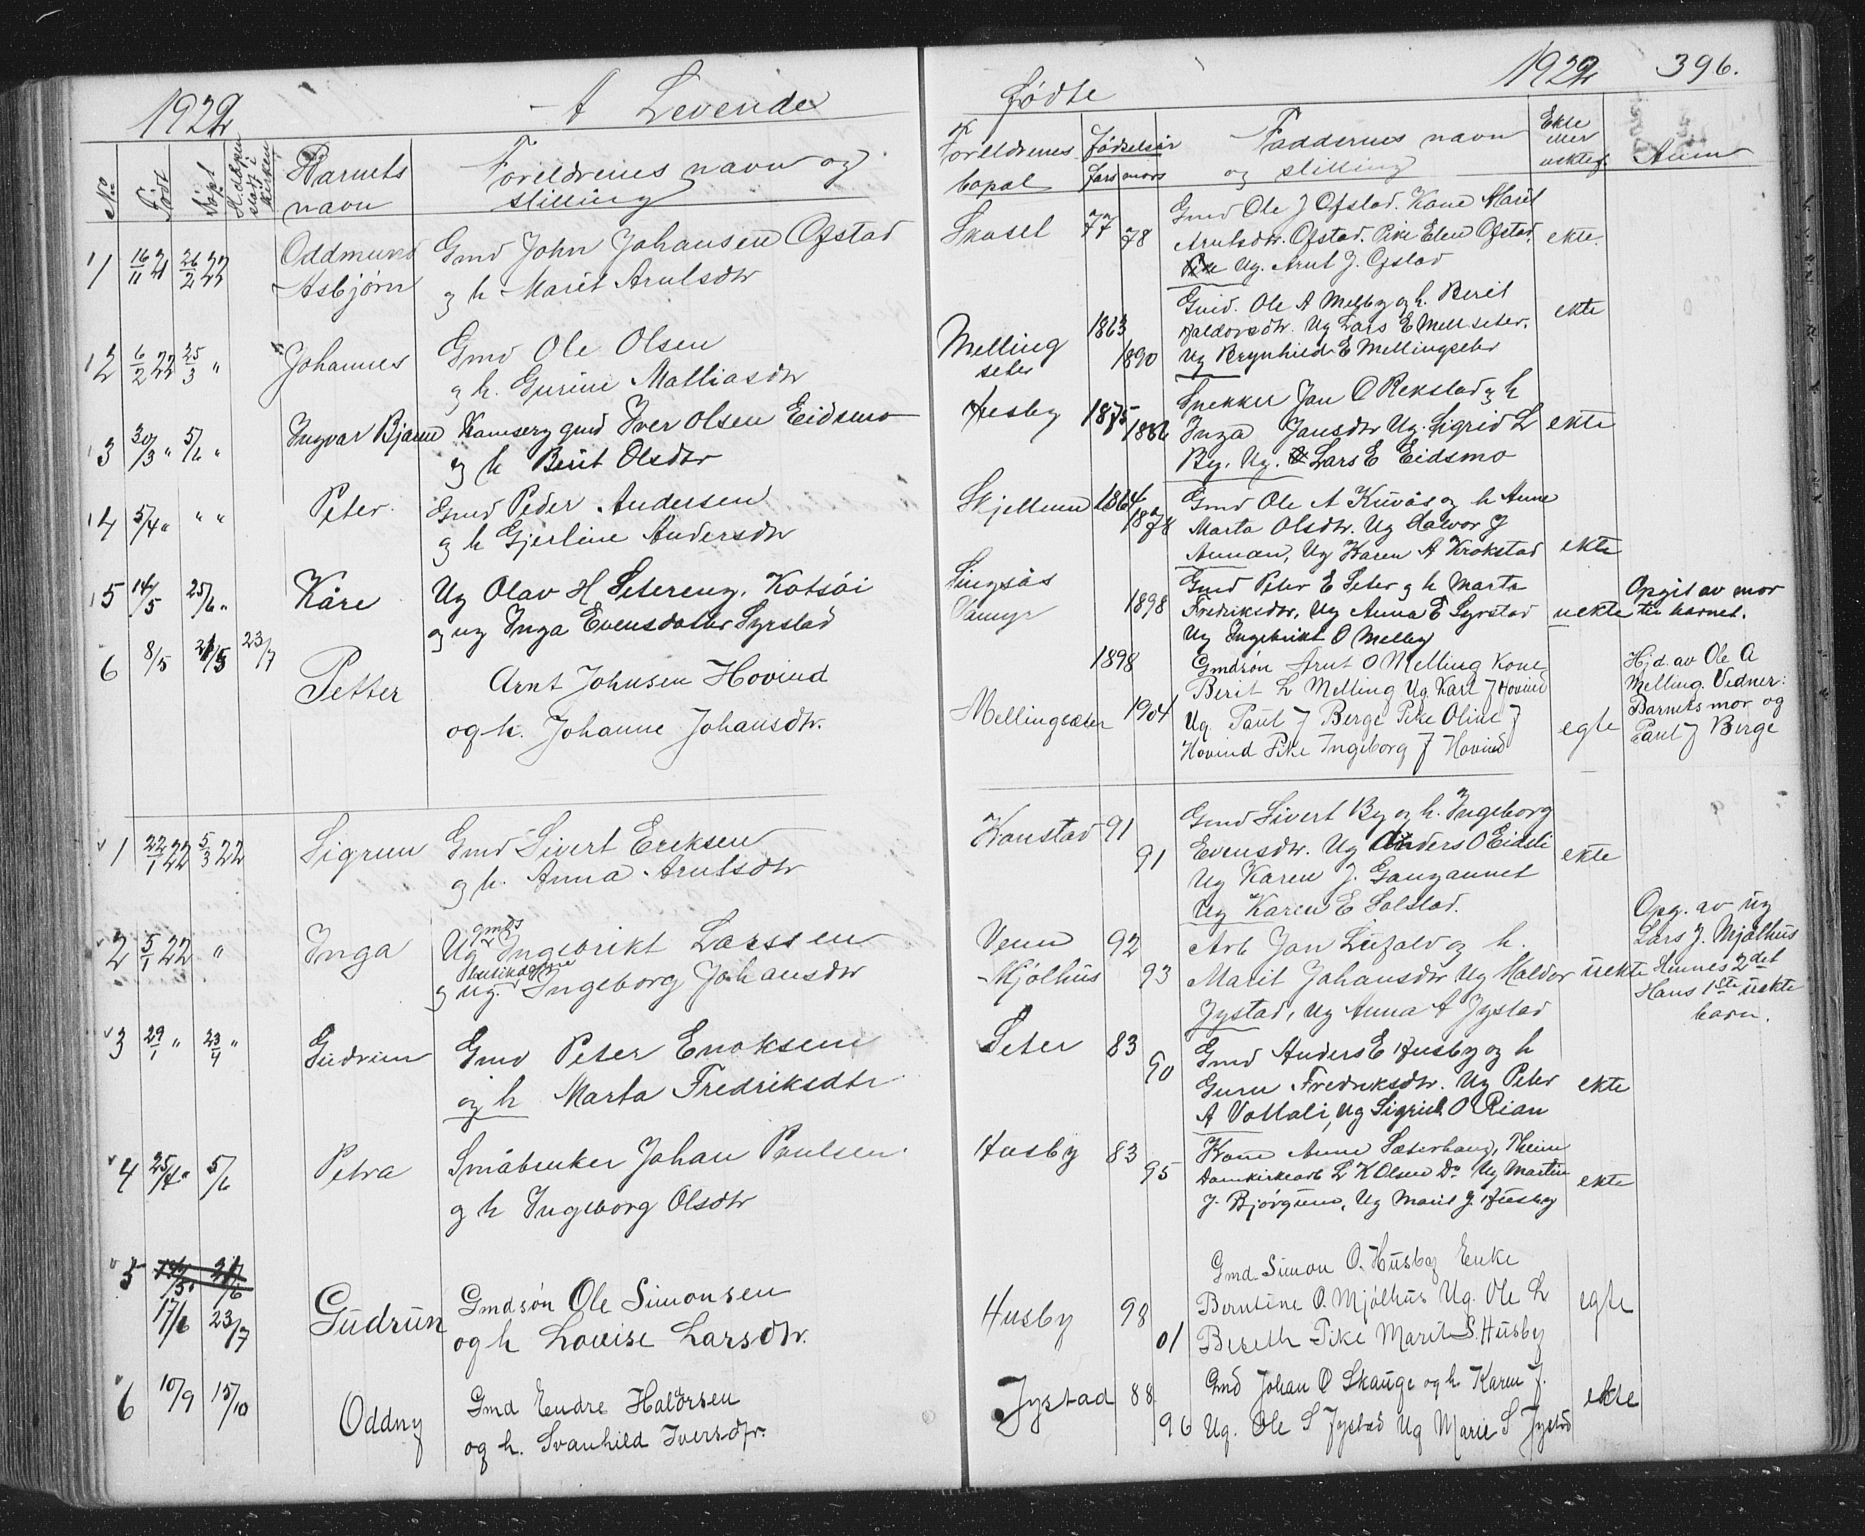 SAT, Ministerialprotokoller, klokkerbøker og fødselsregistre - Sør-Trøndelag, 667/L0798: Klokkerbok nr. 667C03, 1867-1929, s. 396